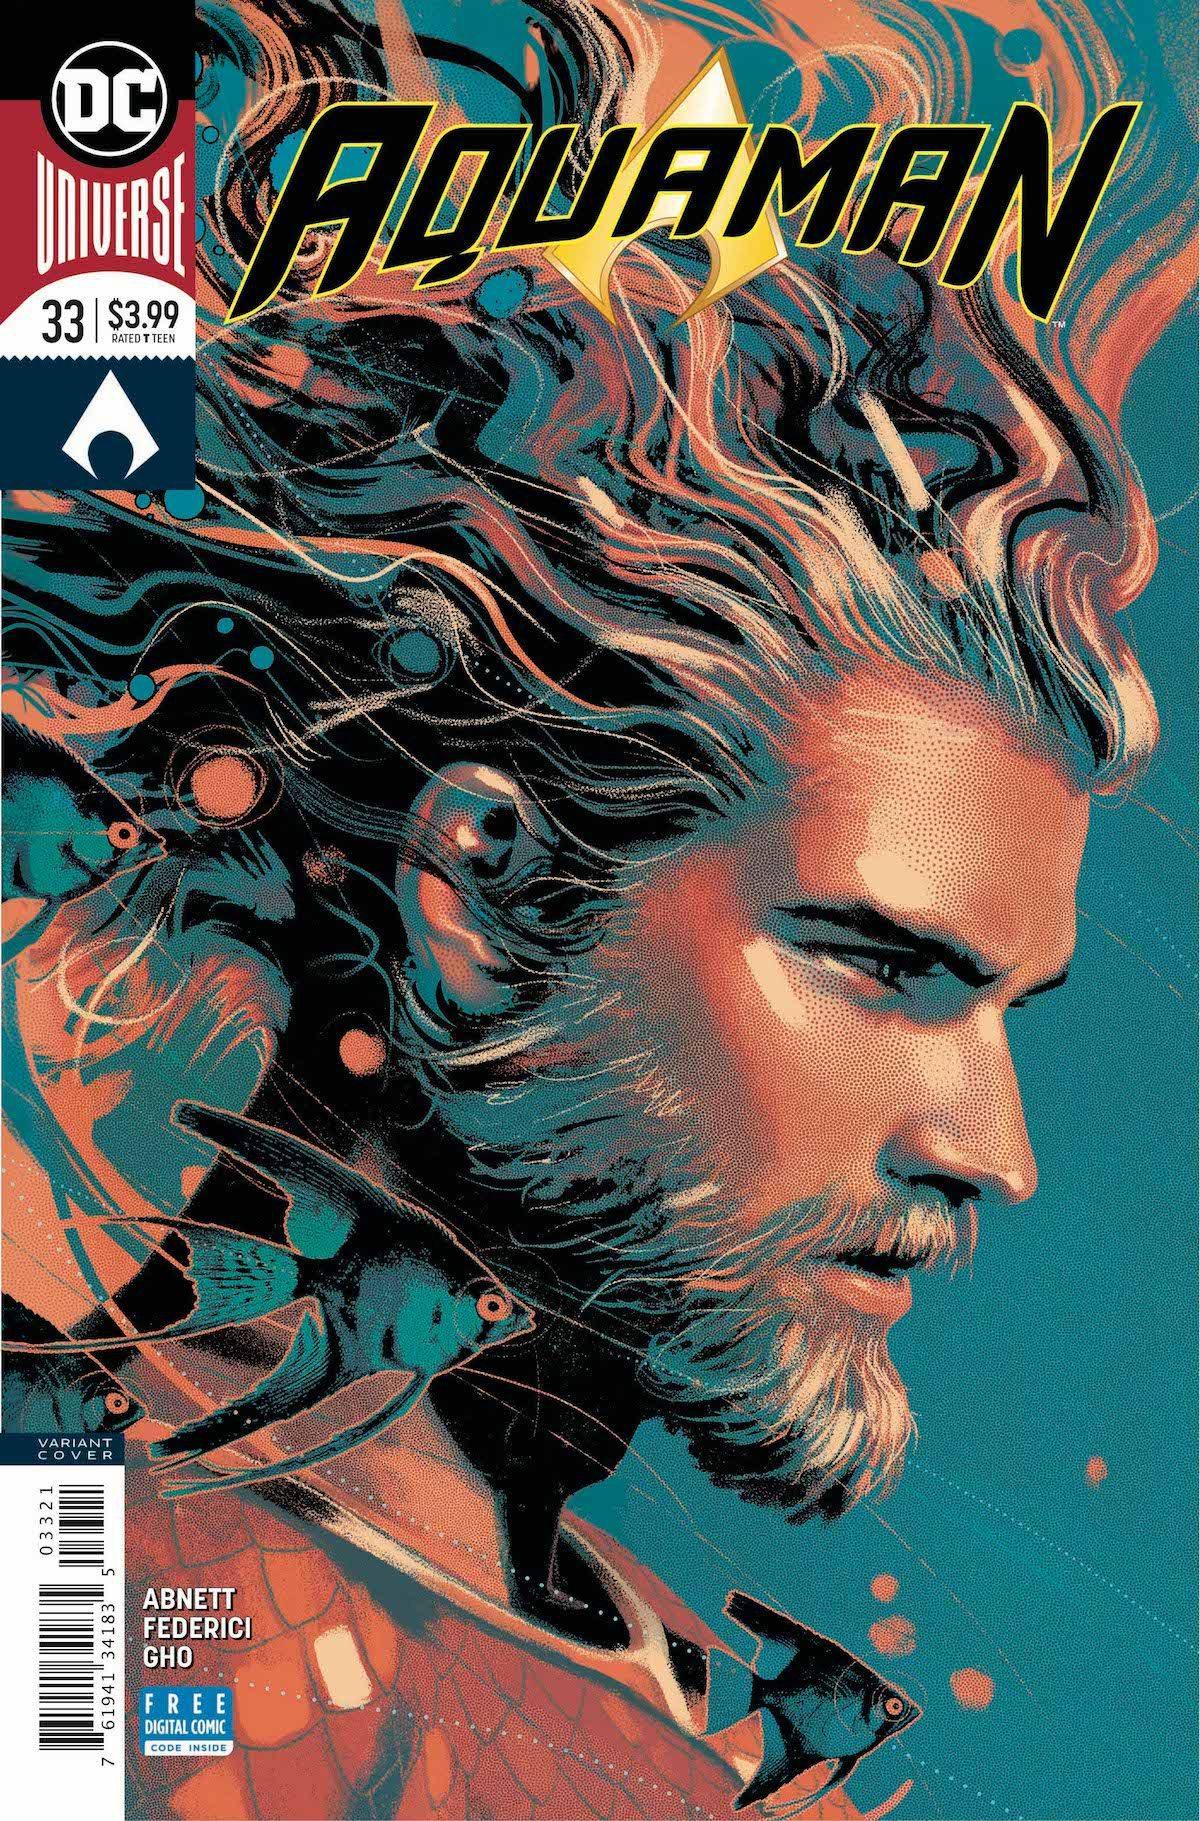 Aquaman #33 variant cover